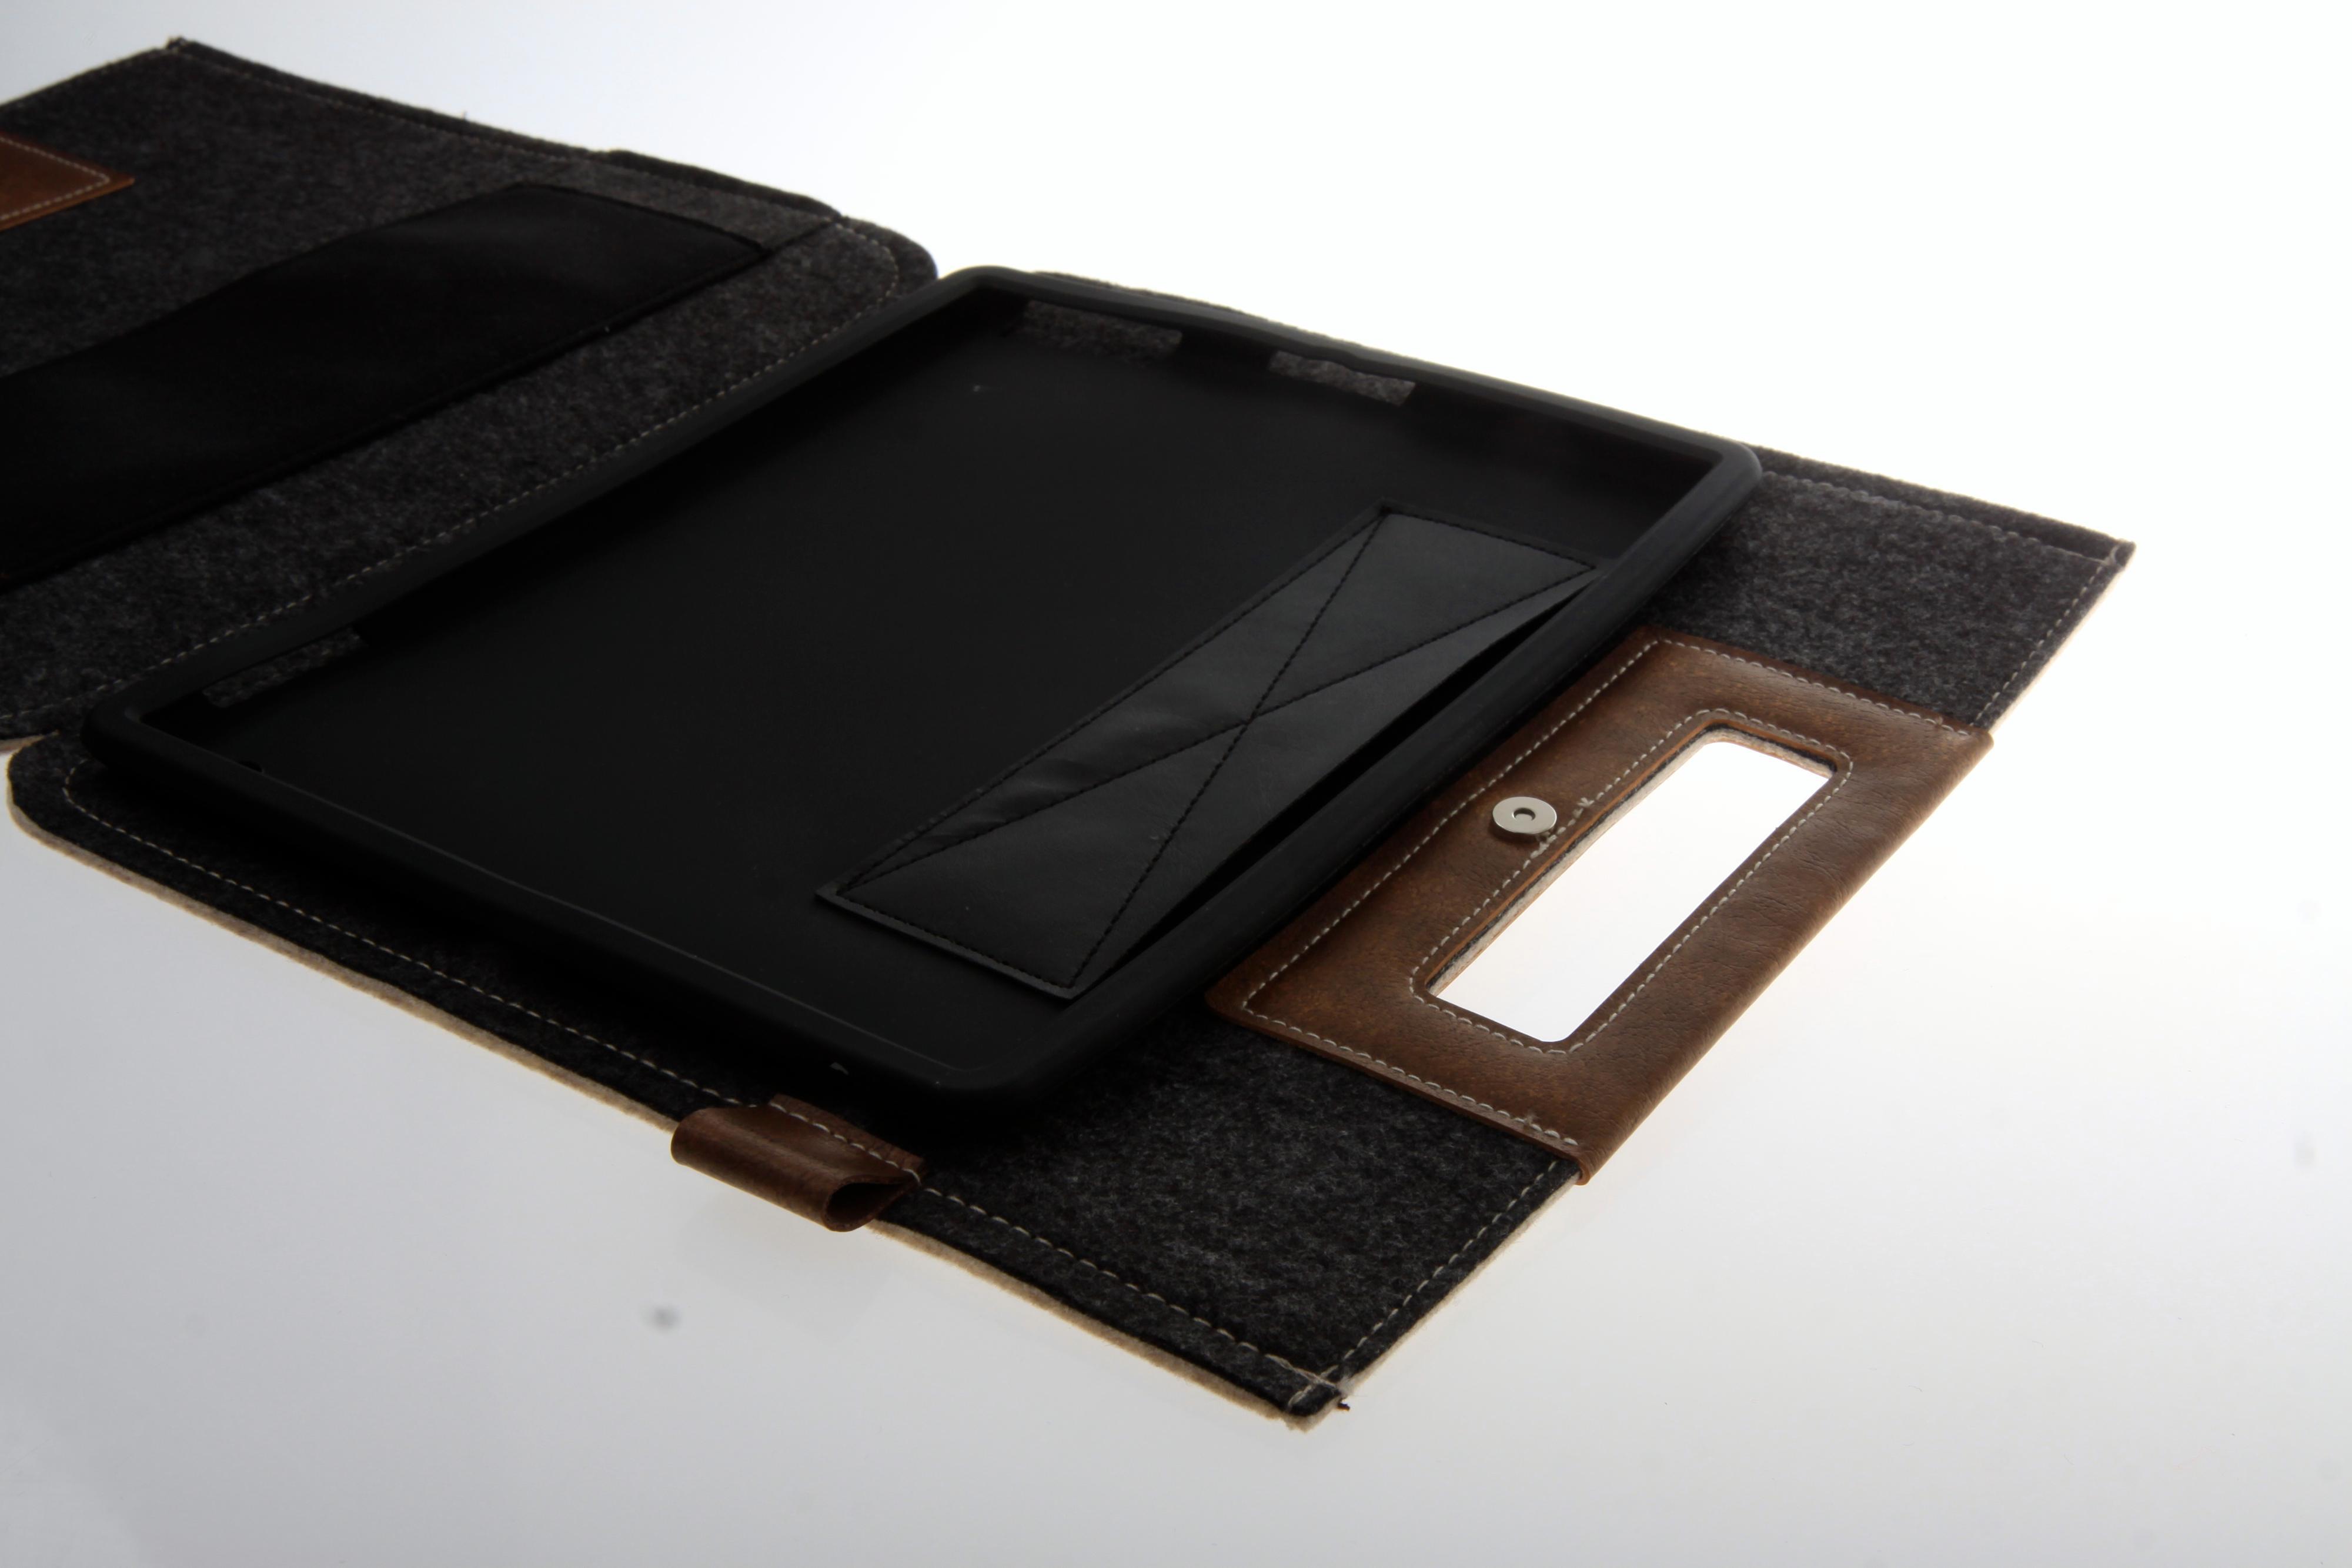 Cooler Master Afrino Folio ser ut som en veske. iPad-en festes i et gummihylster på innsiden.Foto: Kurt Lekanger, Amobil.no